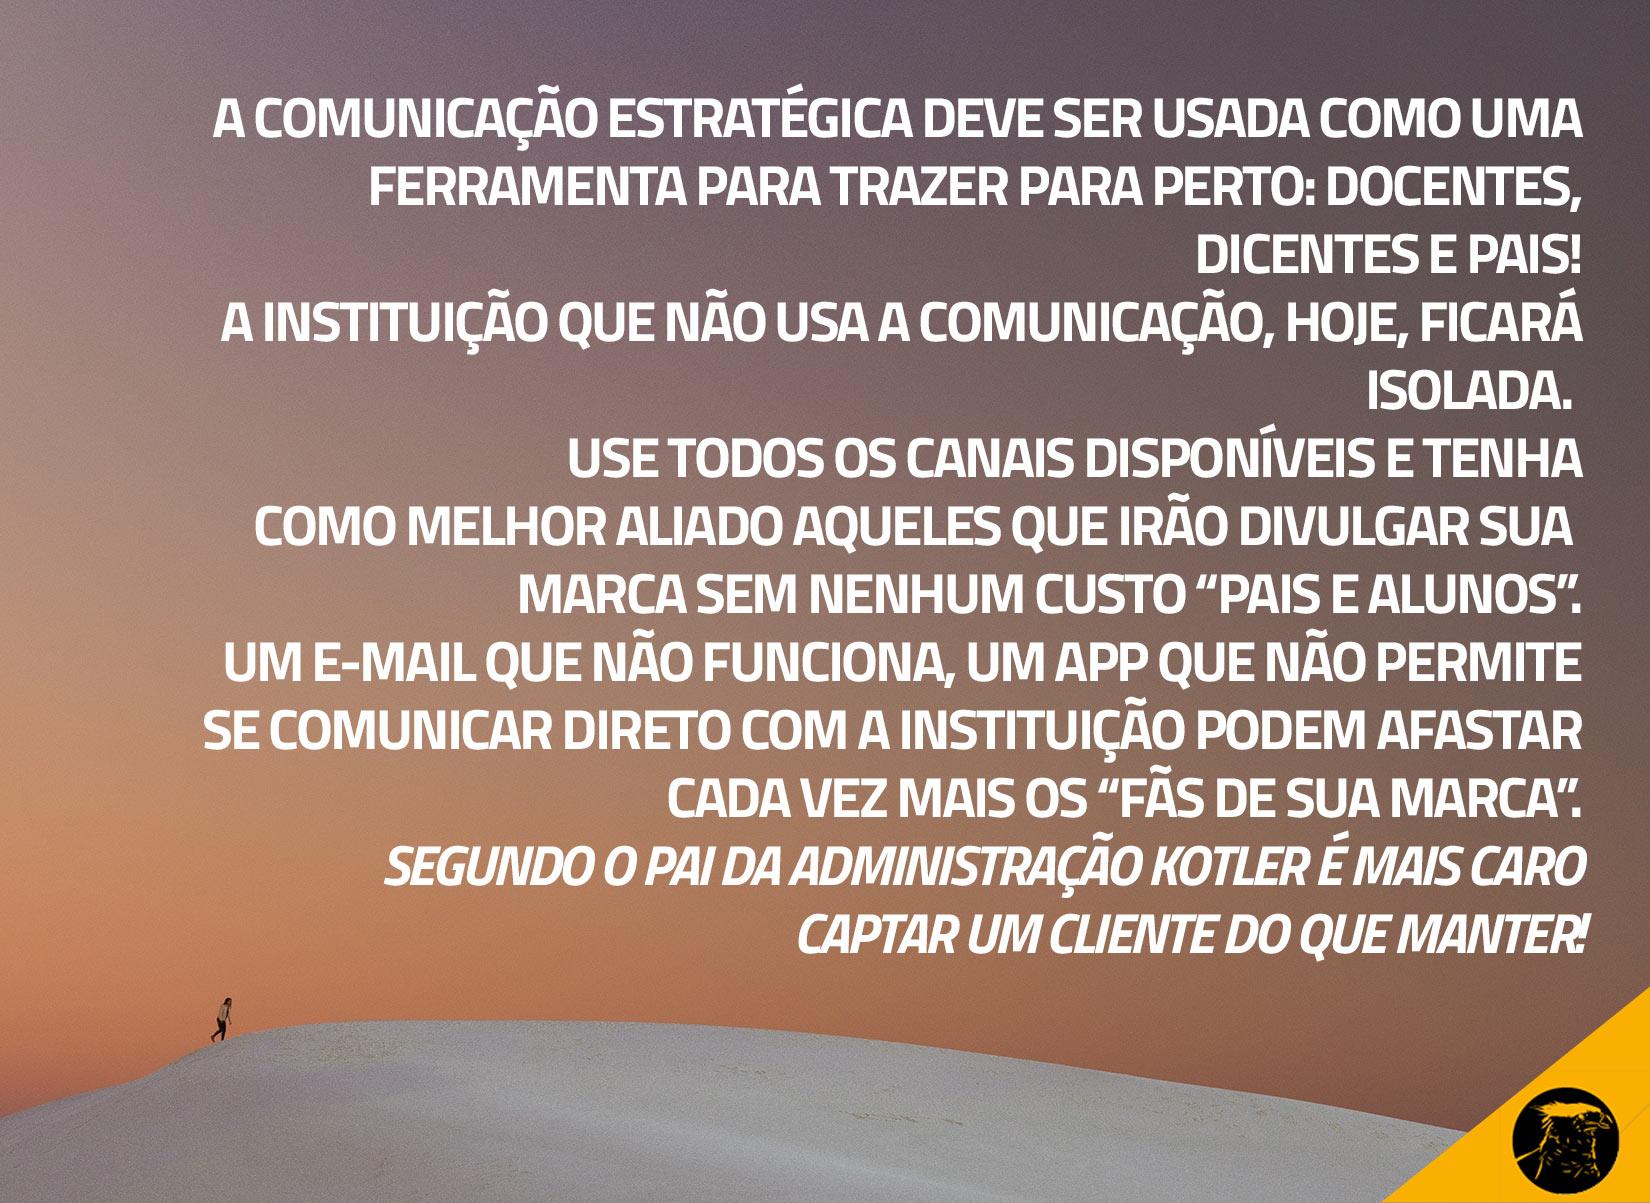 Hoje existe um ditame no Brasil infelizmente, praticamente 1 criança a cada 20 são diariamente diagnosticadas com o TDAH. Um transtorno neurobiológico, que pode ter causas genéticas, e que aparece na infância e geralmente acompanha o indivíduo por toda sua vida. É caracterizado por sintomas de desatenção, inquietude e impulsividade.